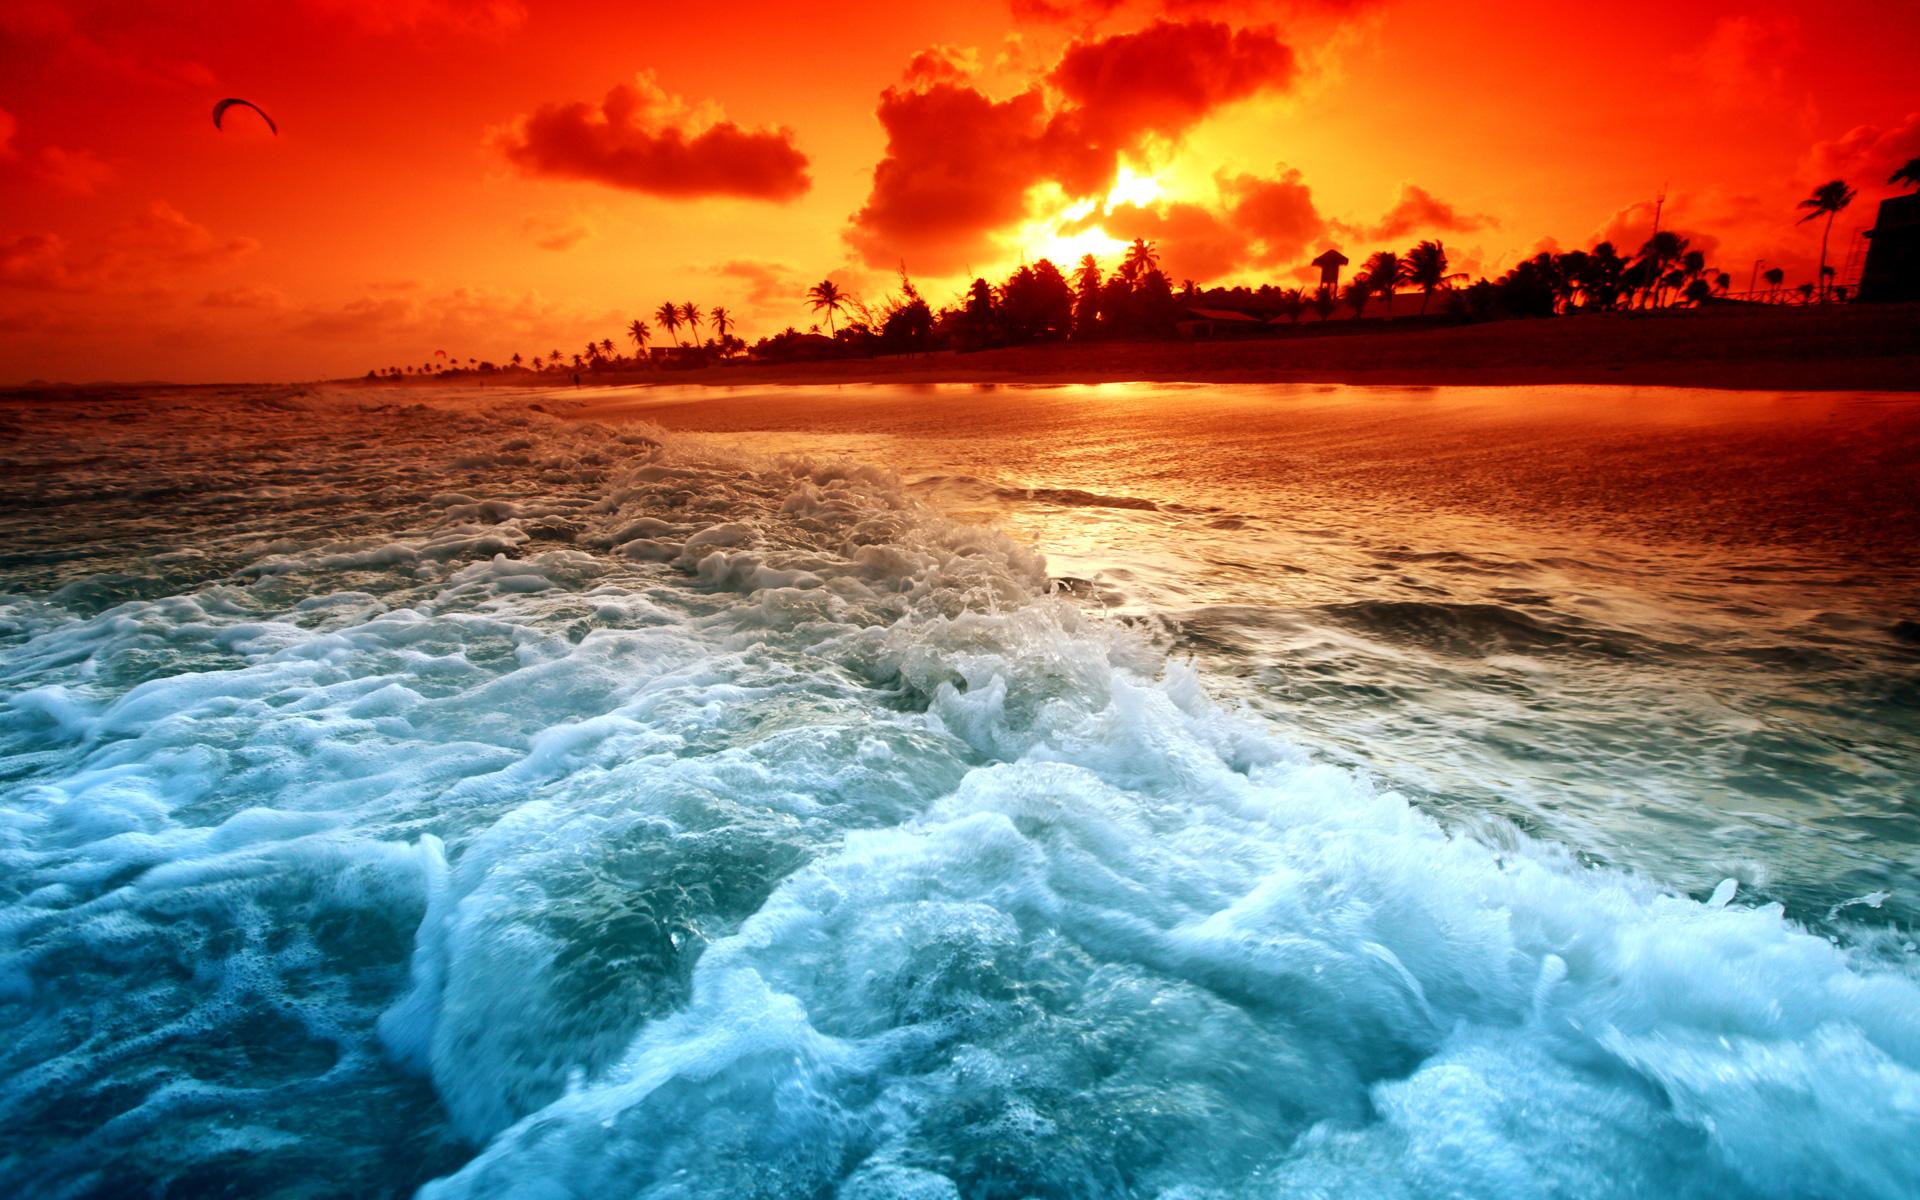 солнце, крутая морская картинка определённых